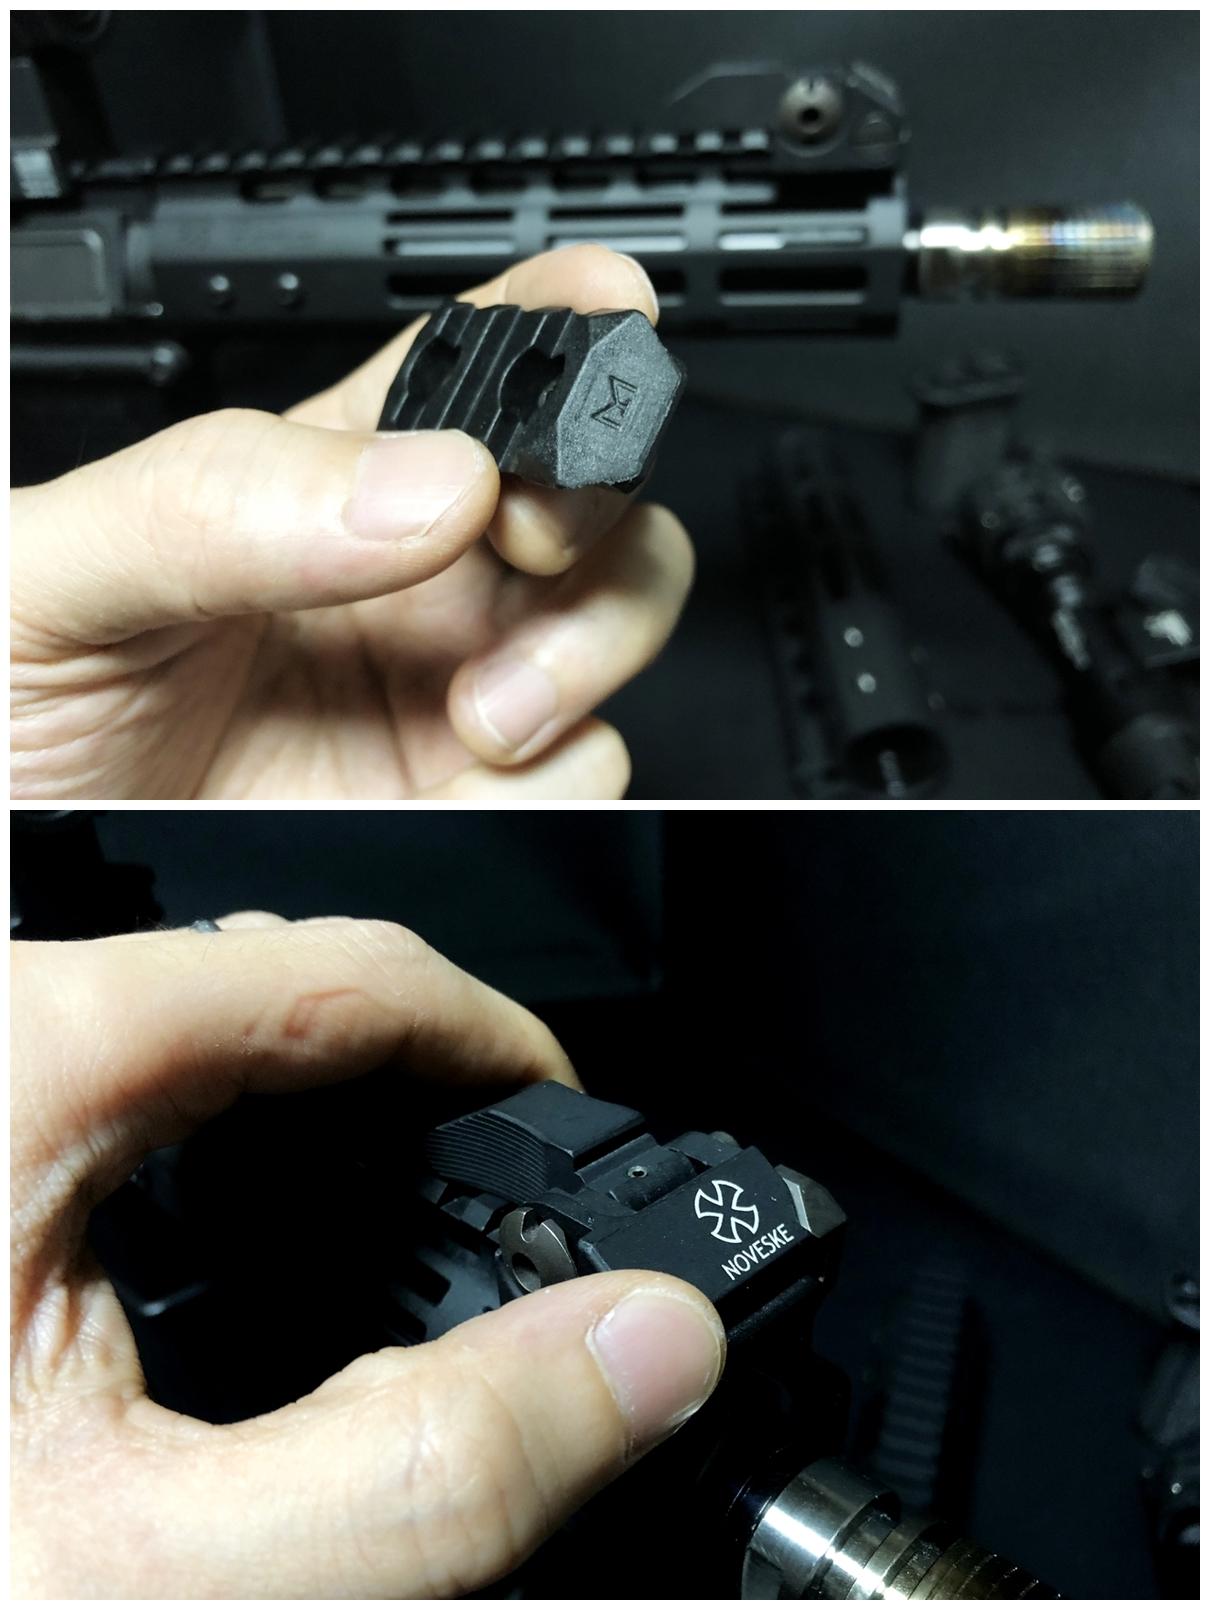 11 『微々たる変化』と『微々たる進化』 IRON vs 5KU M-LOK NSR NOVESKE TYPE N4 M4 AR15 ハンドガード 購入 分解 交換 検証 取付 レビュー